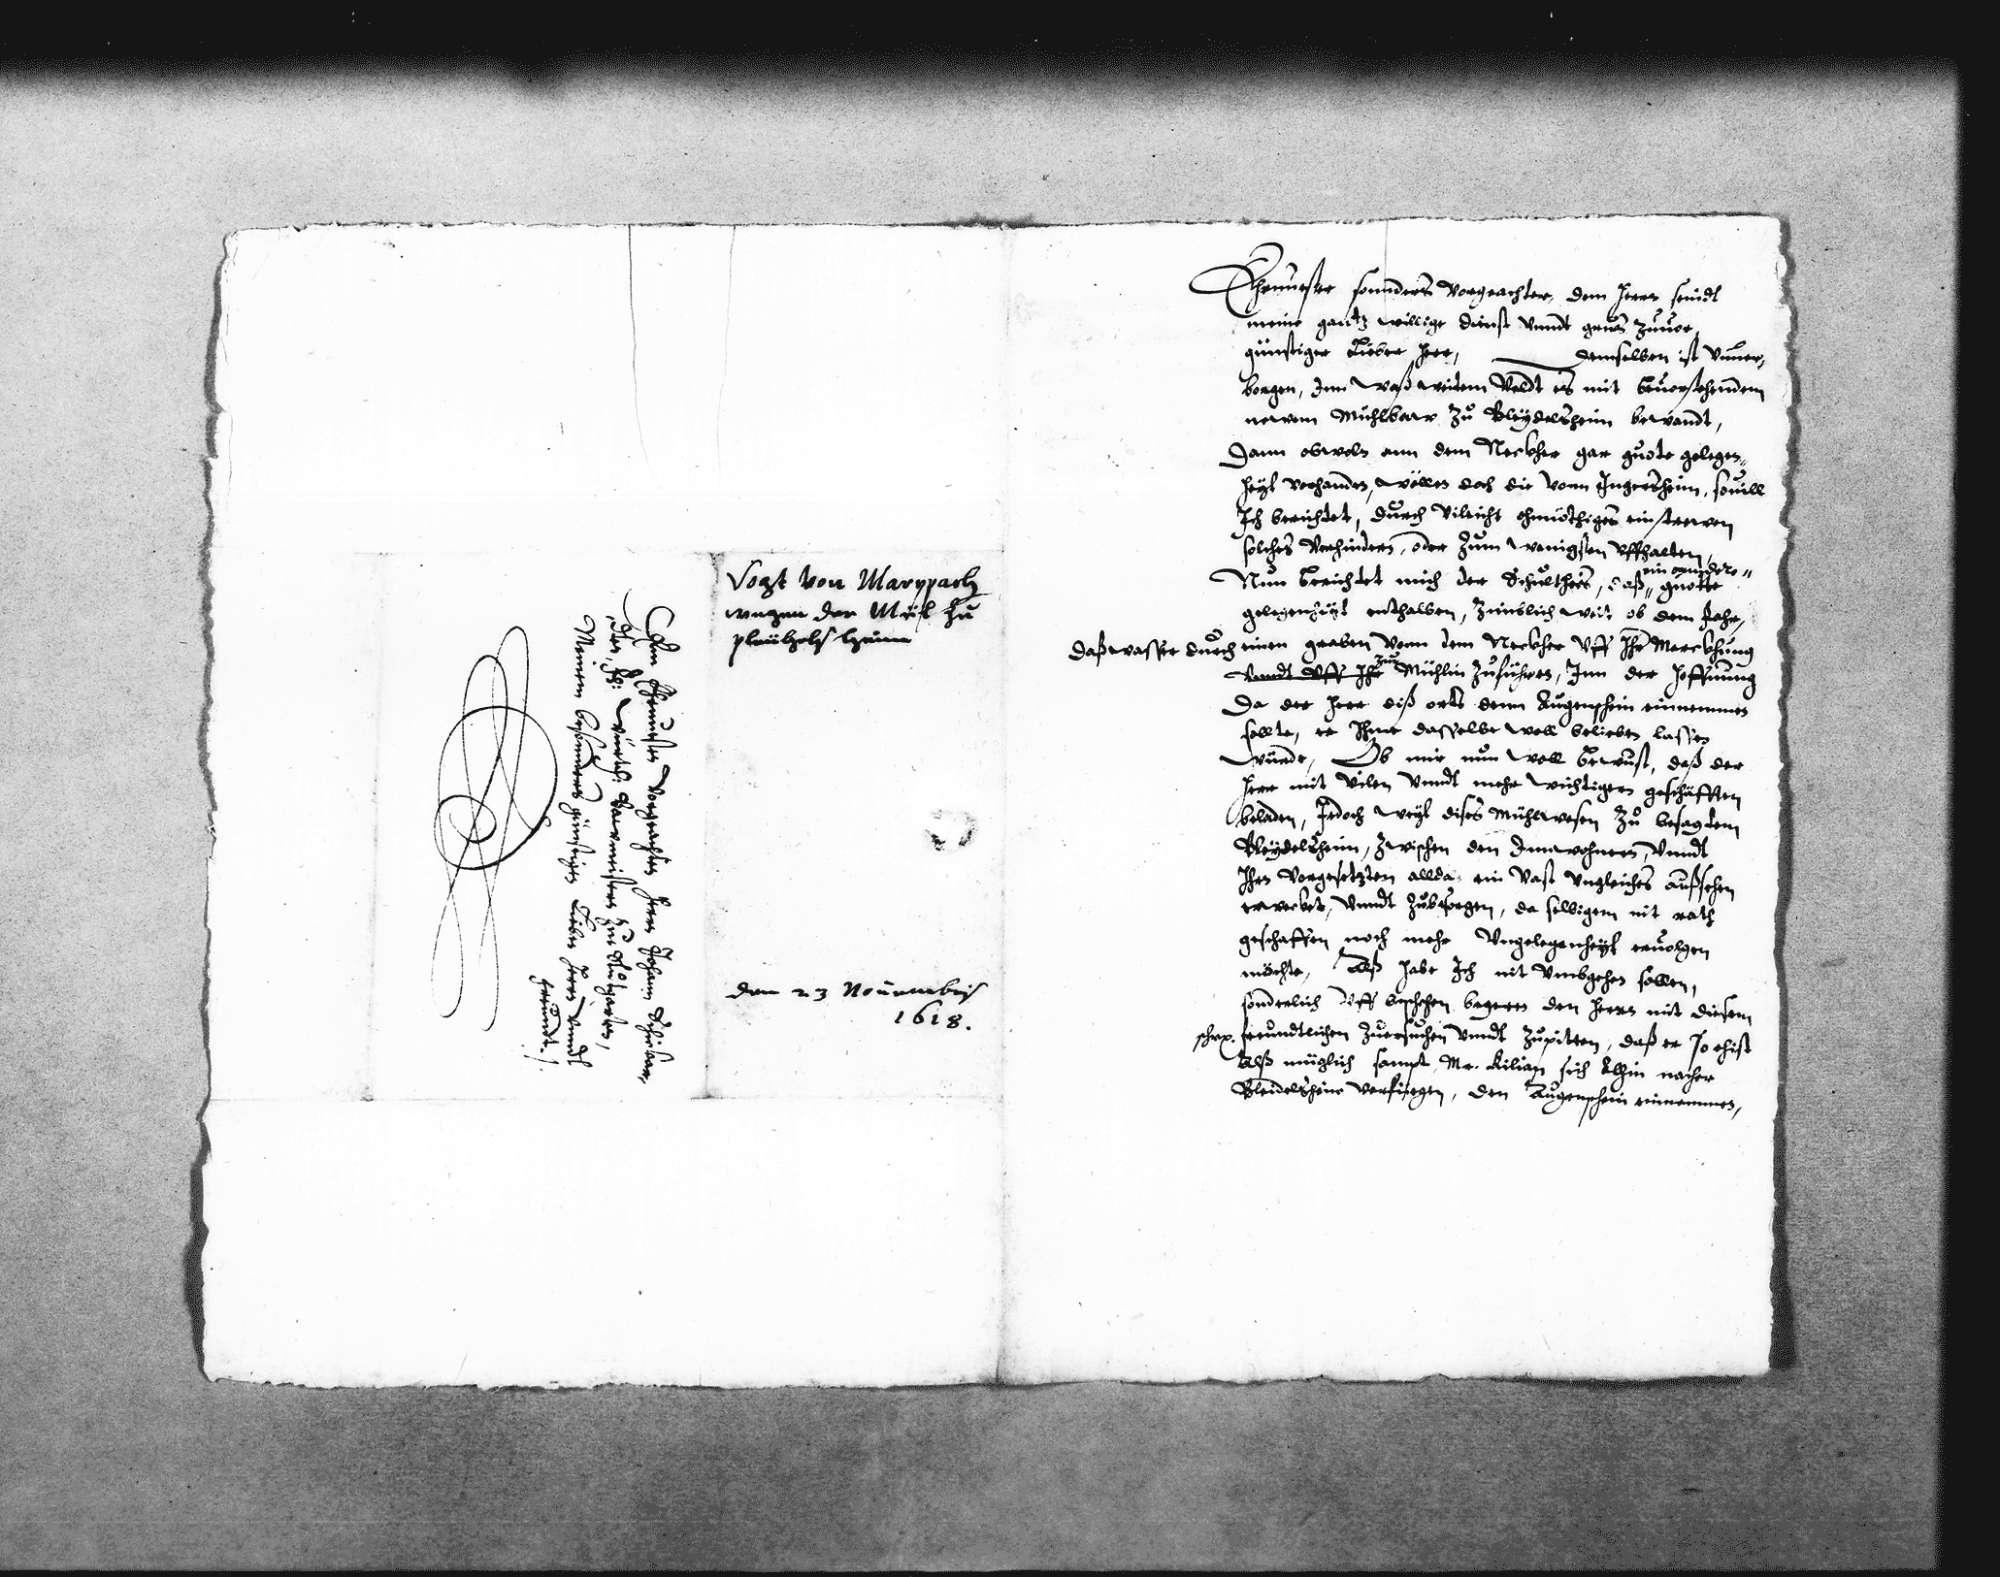 Zwei Schreiben von Josias Spoun, Untervogt in Marbach, zur Beschwerde der Ingersheimer wegen der geplanten Mühle, 21. November 1618, 20. Februar 1619 (2 Folio Doppelblatt); dazu Aufzeichnungen Schickhardts über die Rechtslage zwischen Großingersheim und Pleidelsheim (Folio Doppelblatt), mit Verweis auf den Abriss No. 1 und 2; Auflistung des Holzbedarfs, mit Notiz zur Bezahlung von Kilian Kesenbrot für seine Arbeiten an der Mühle, 3. August 1619 (Folio), Bild 1